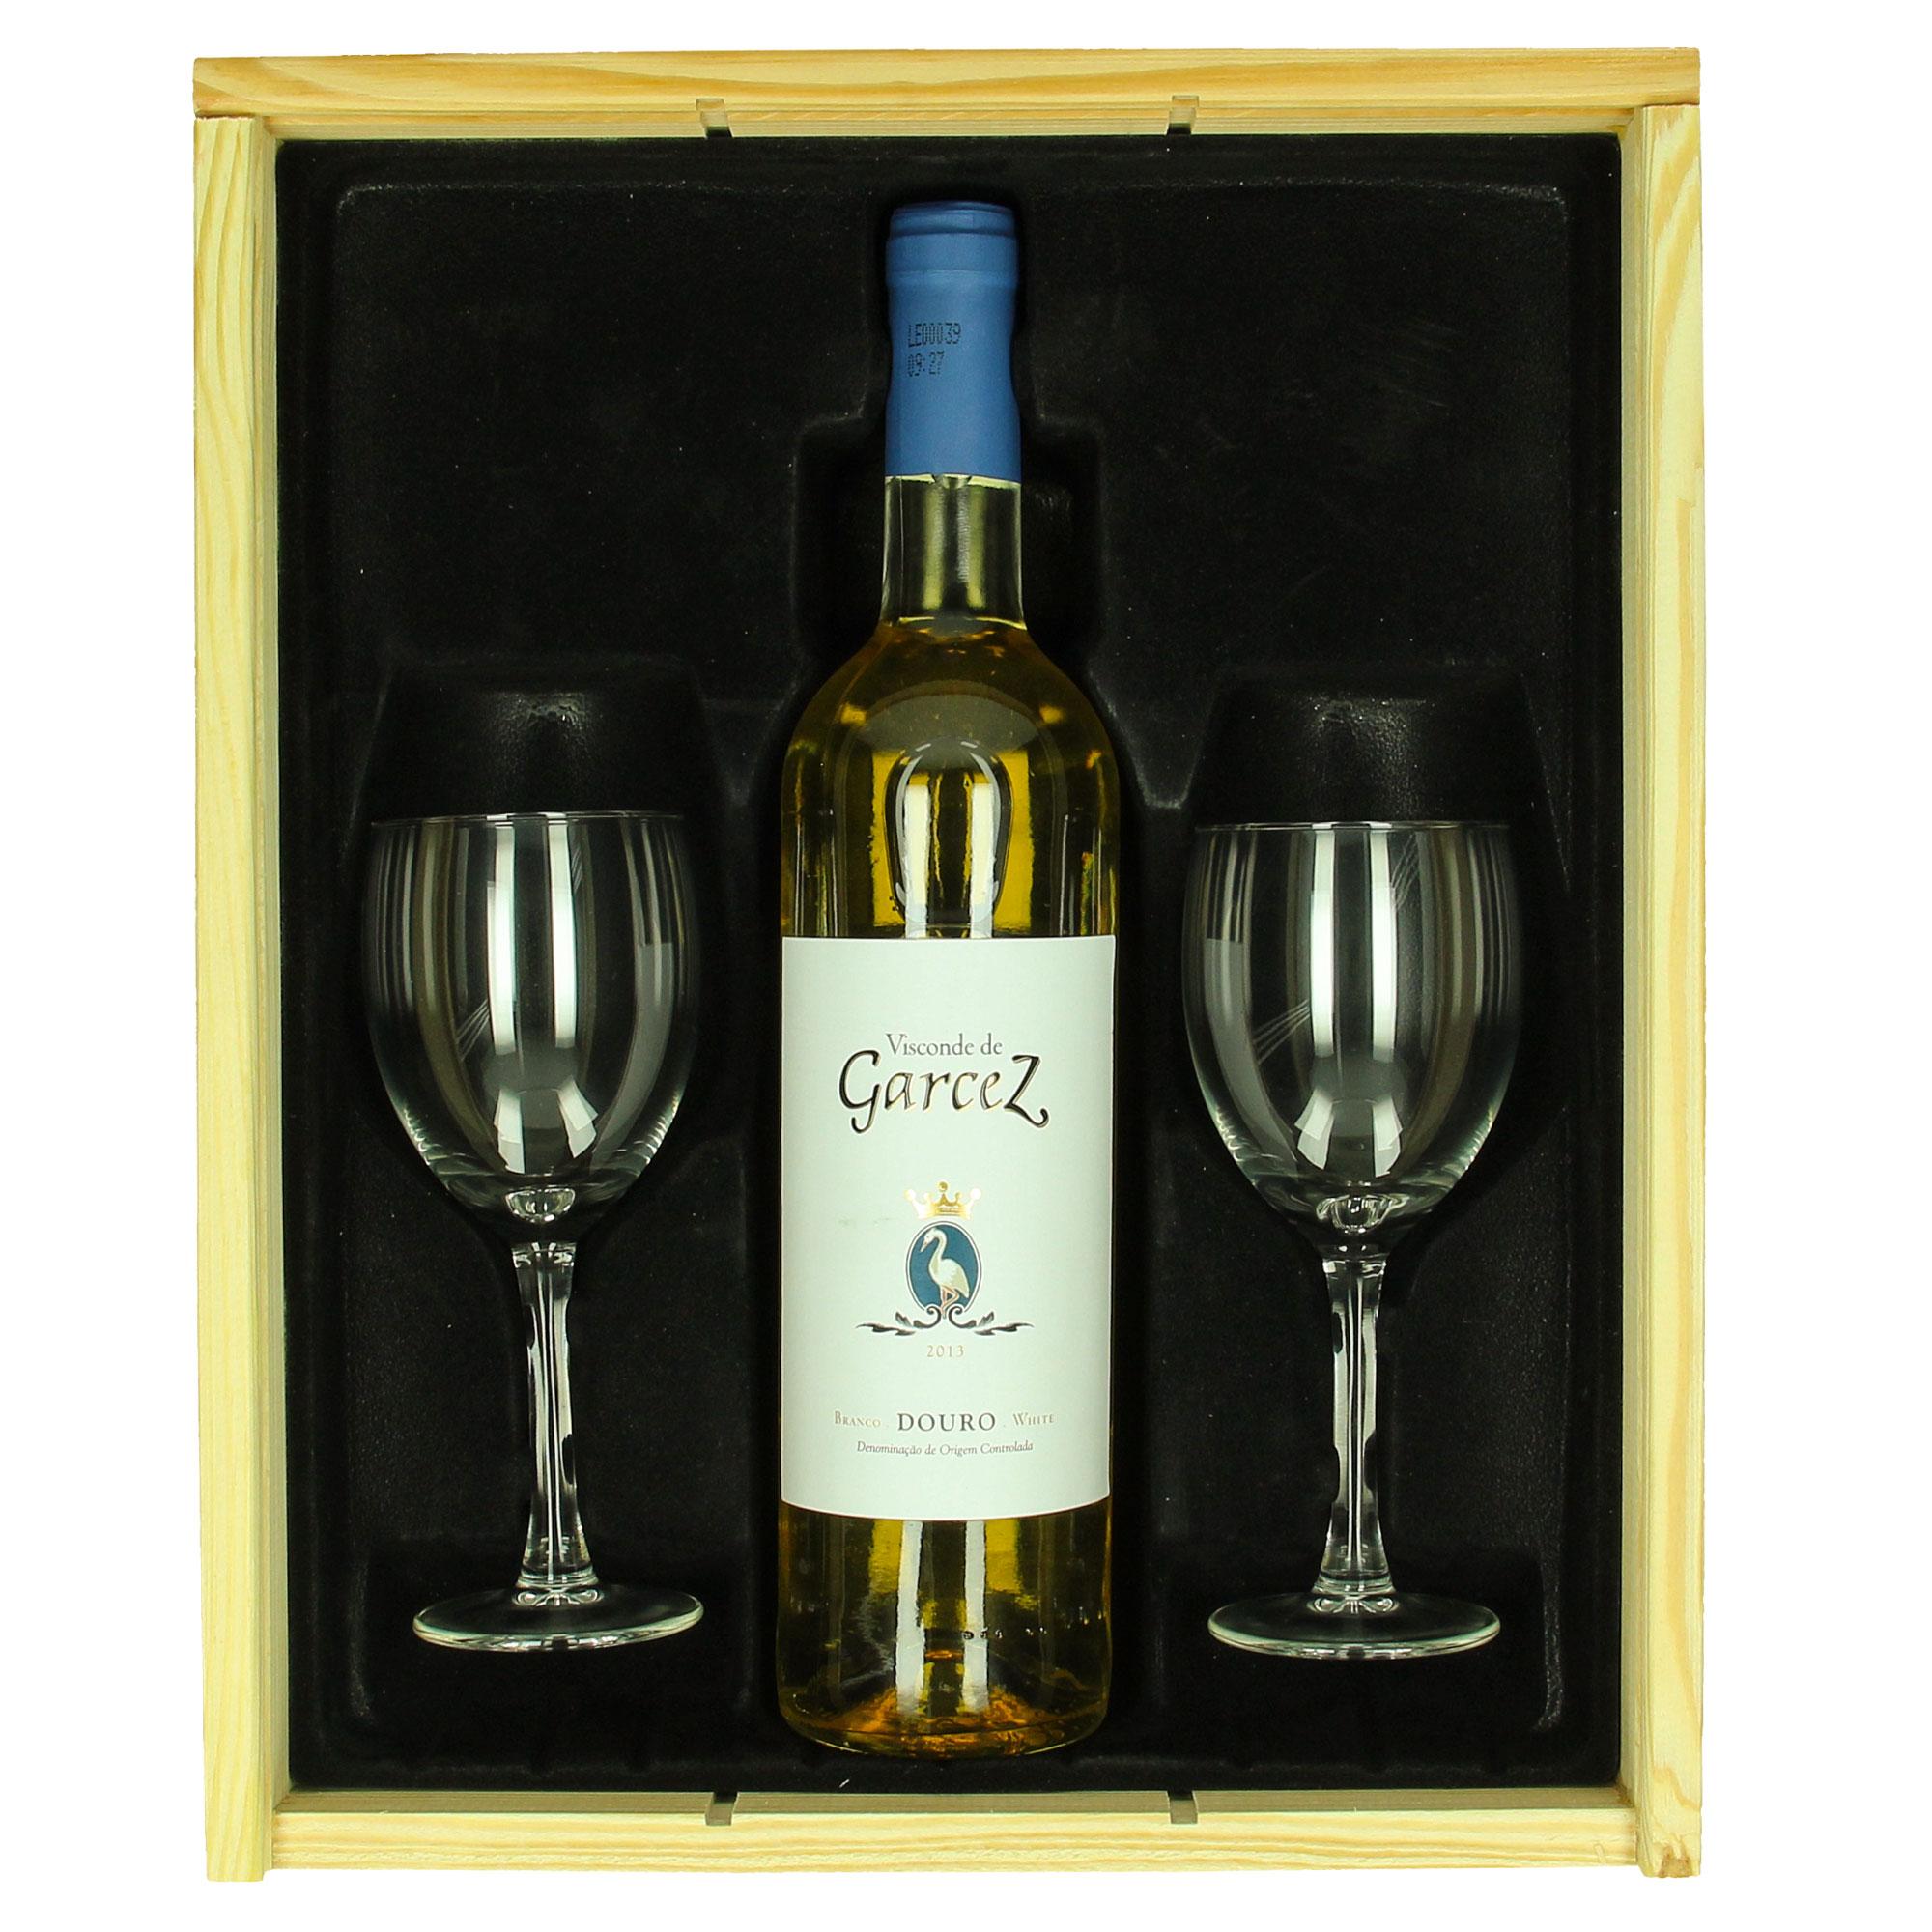 Wijnpakket Viscondez de Garcez (wit) + gepersonaliseerde glazen